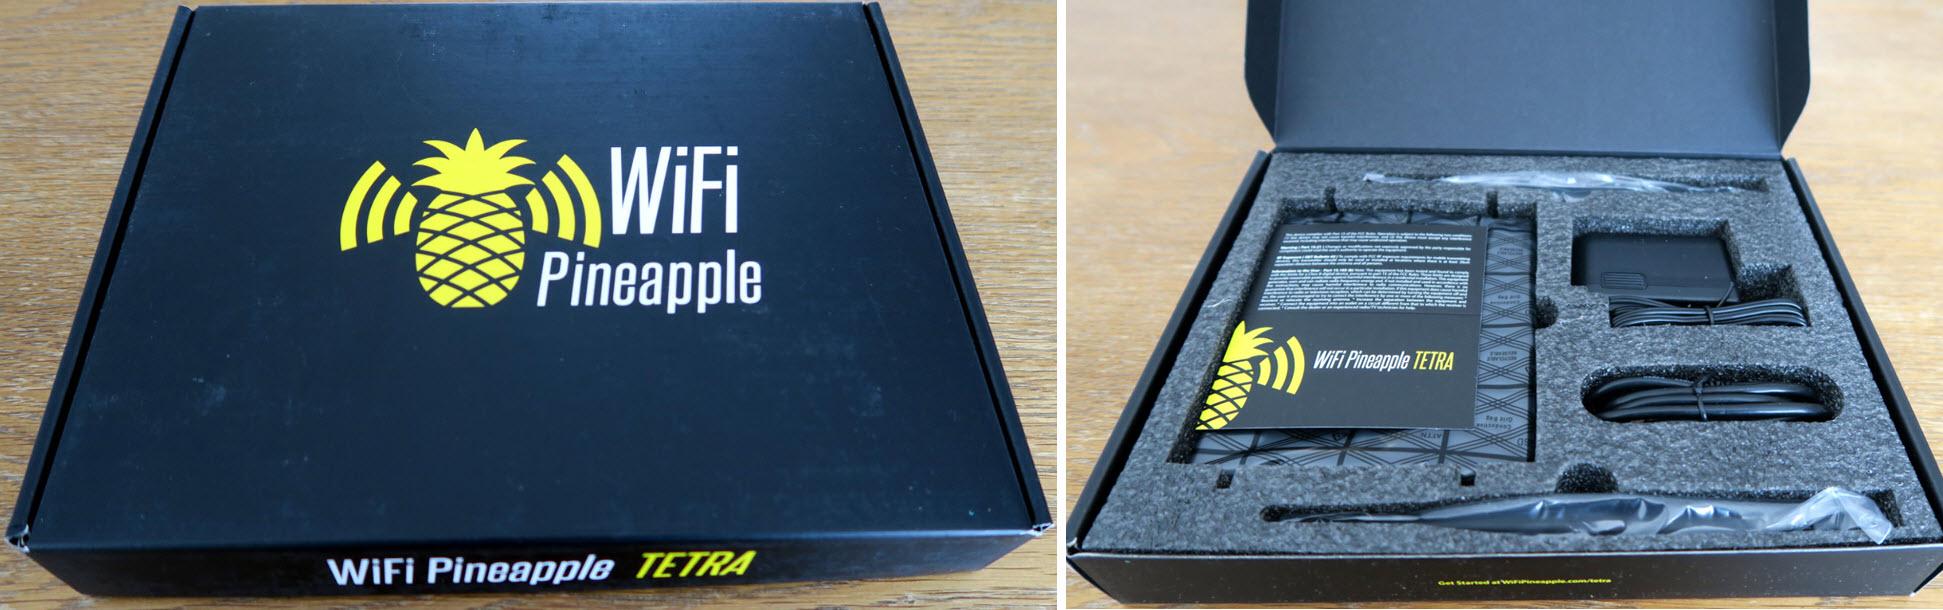 WiFi Pineapple Tetra - HAK5: Jarno Baselier